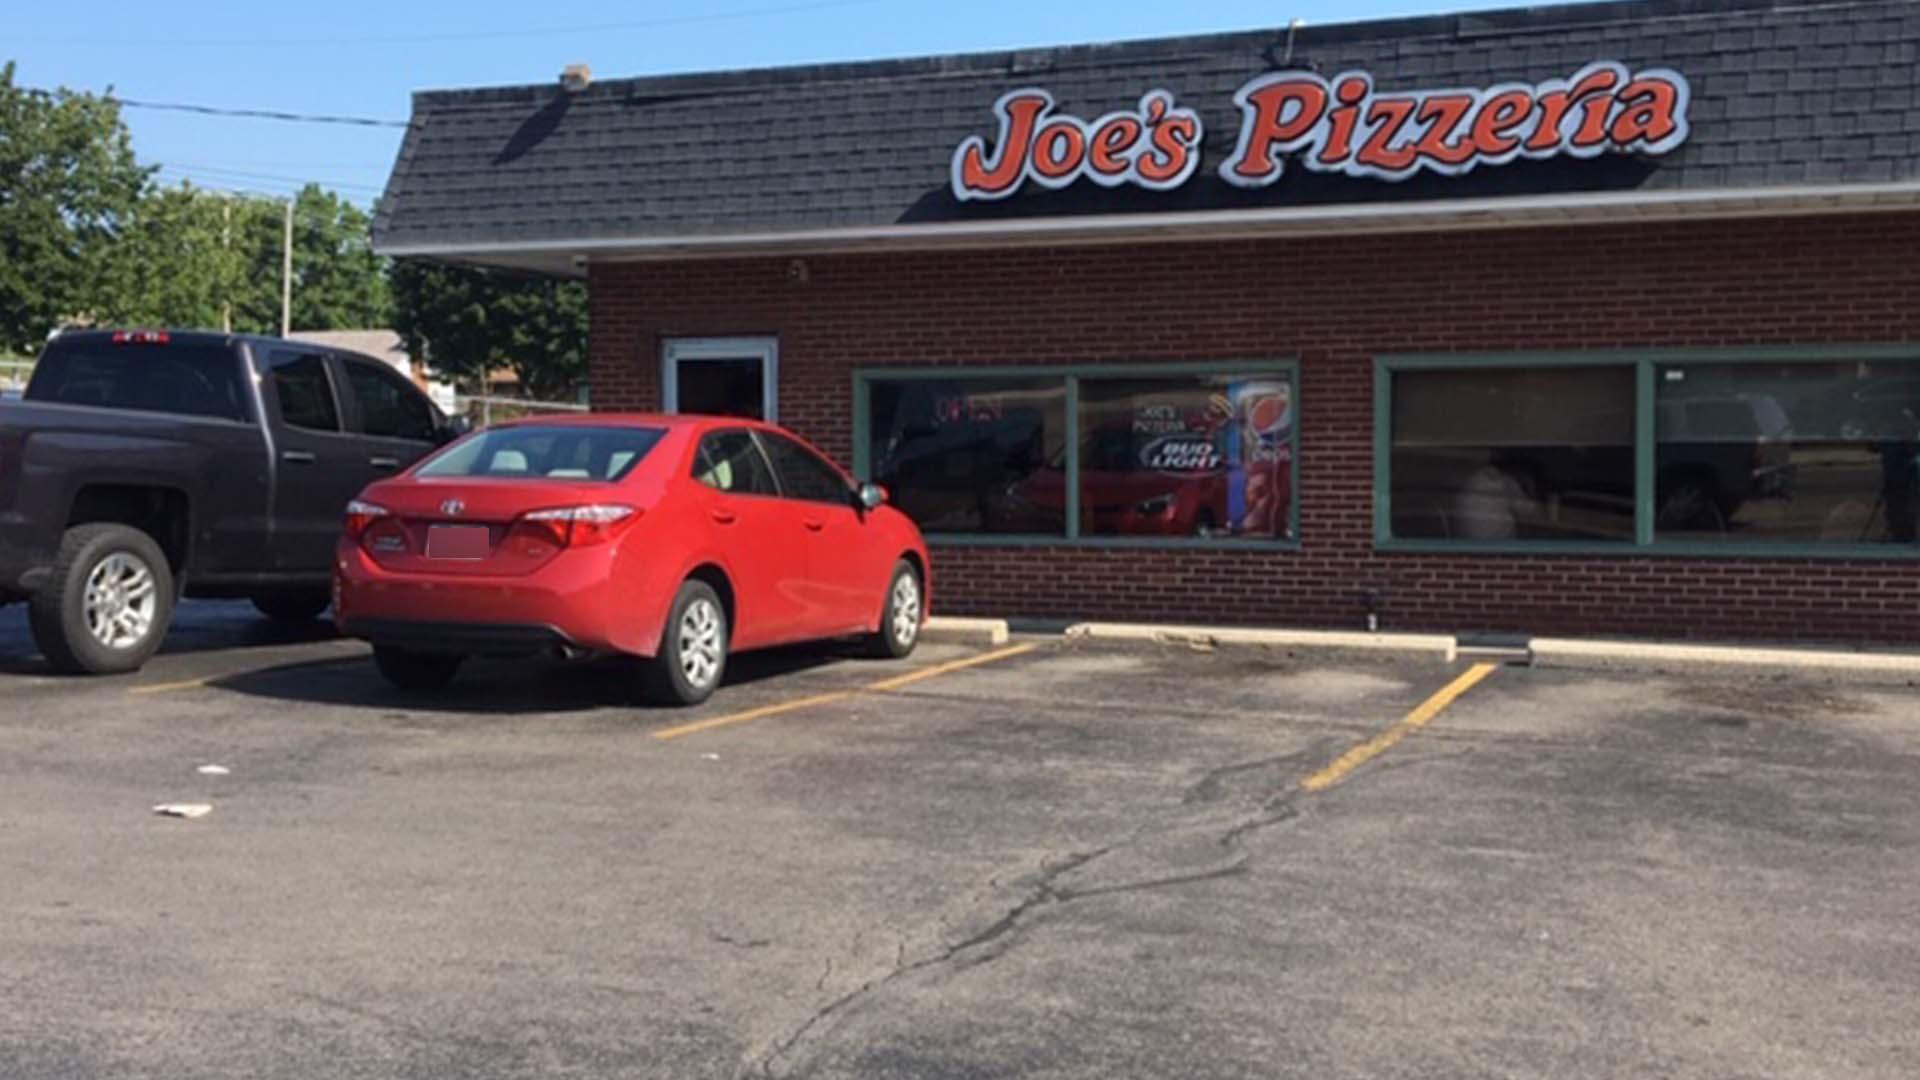 Car into Joe's Pizza